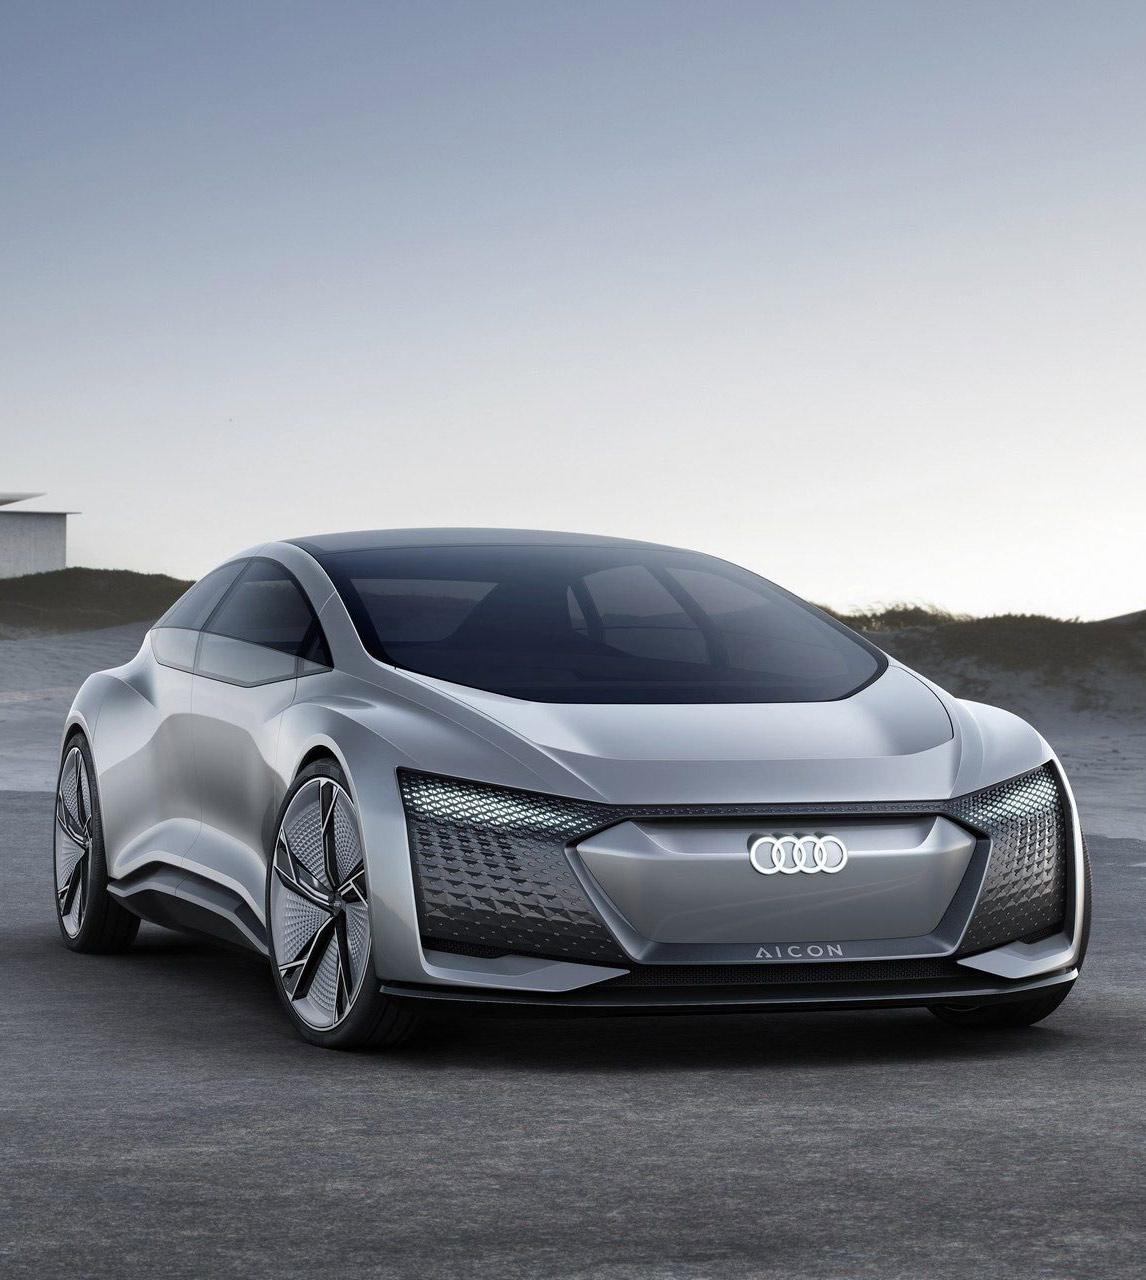 Audi Aicon Definido para pegar a Estrada em 2021, é Totalmente Autônoma Carro Elétrico com até 497-Faixa de Milhas